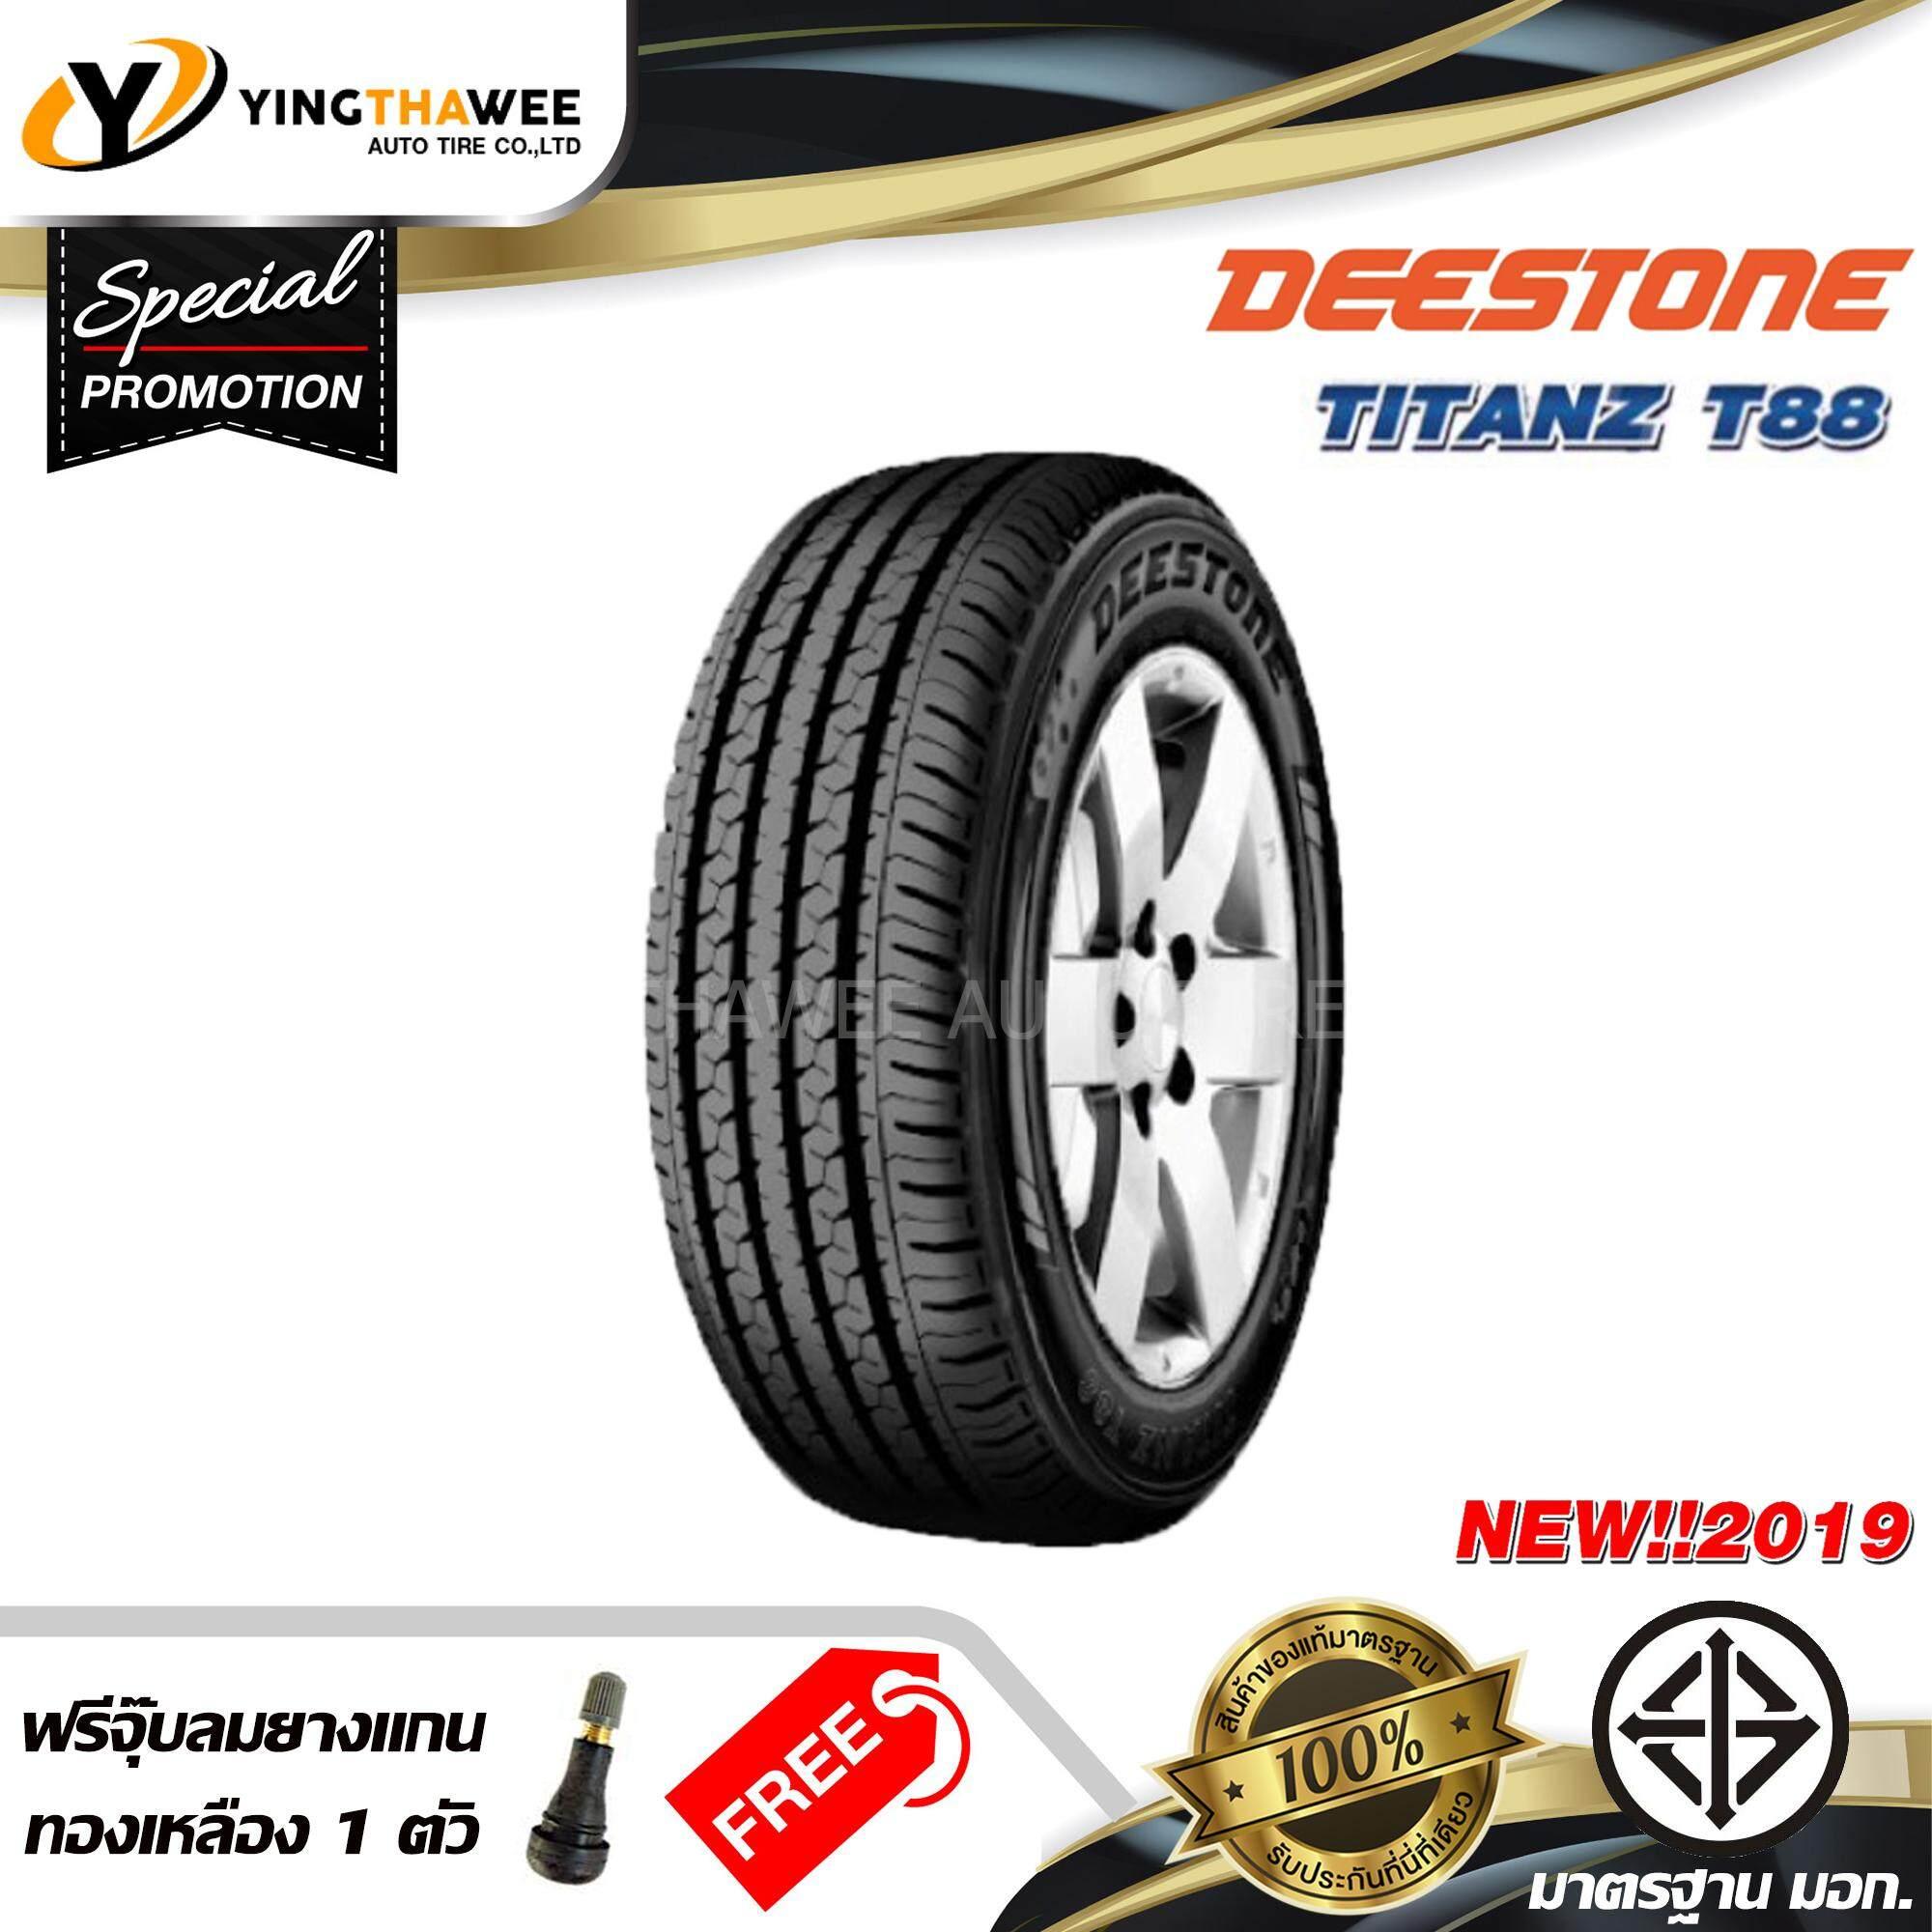 ประกันภัย รถยนต์ ชั้น 3 ราคา ถูก บุรีรัมย์ DEESTONE ยางรถยนต์ 205/70R15 รุ่น T88  1 เส้น (ปี 2019) แถมจุ๊บลมยางแกนทองเหลือง 1 ตัว